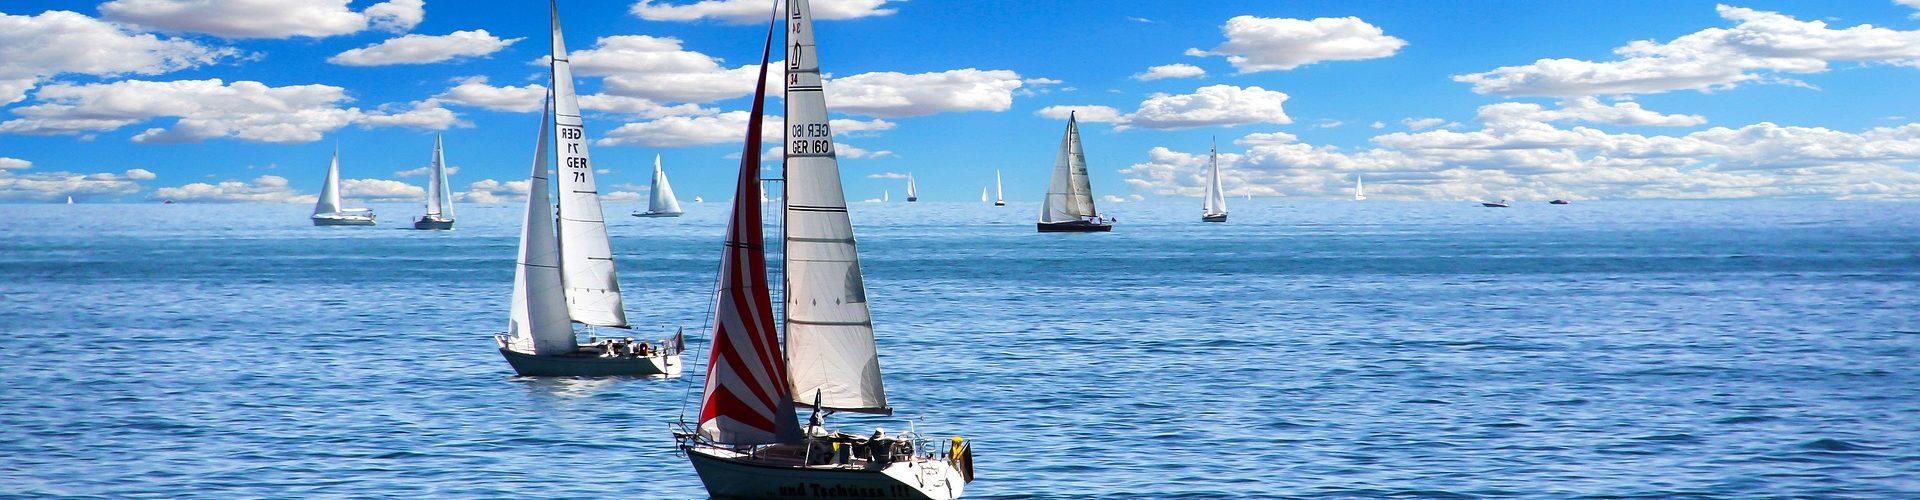 segeln lernen in Preetz segelschein machen in Preetz 1920x500 - Segeln lernen in Preetz